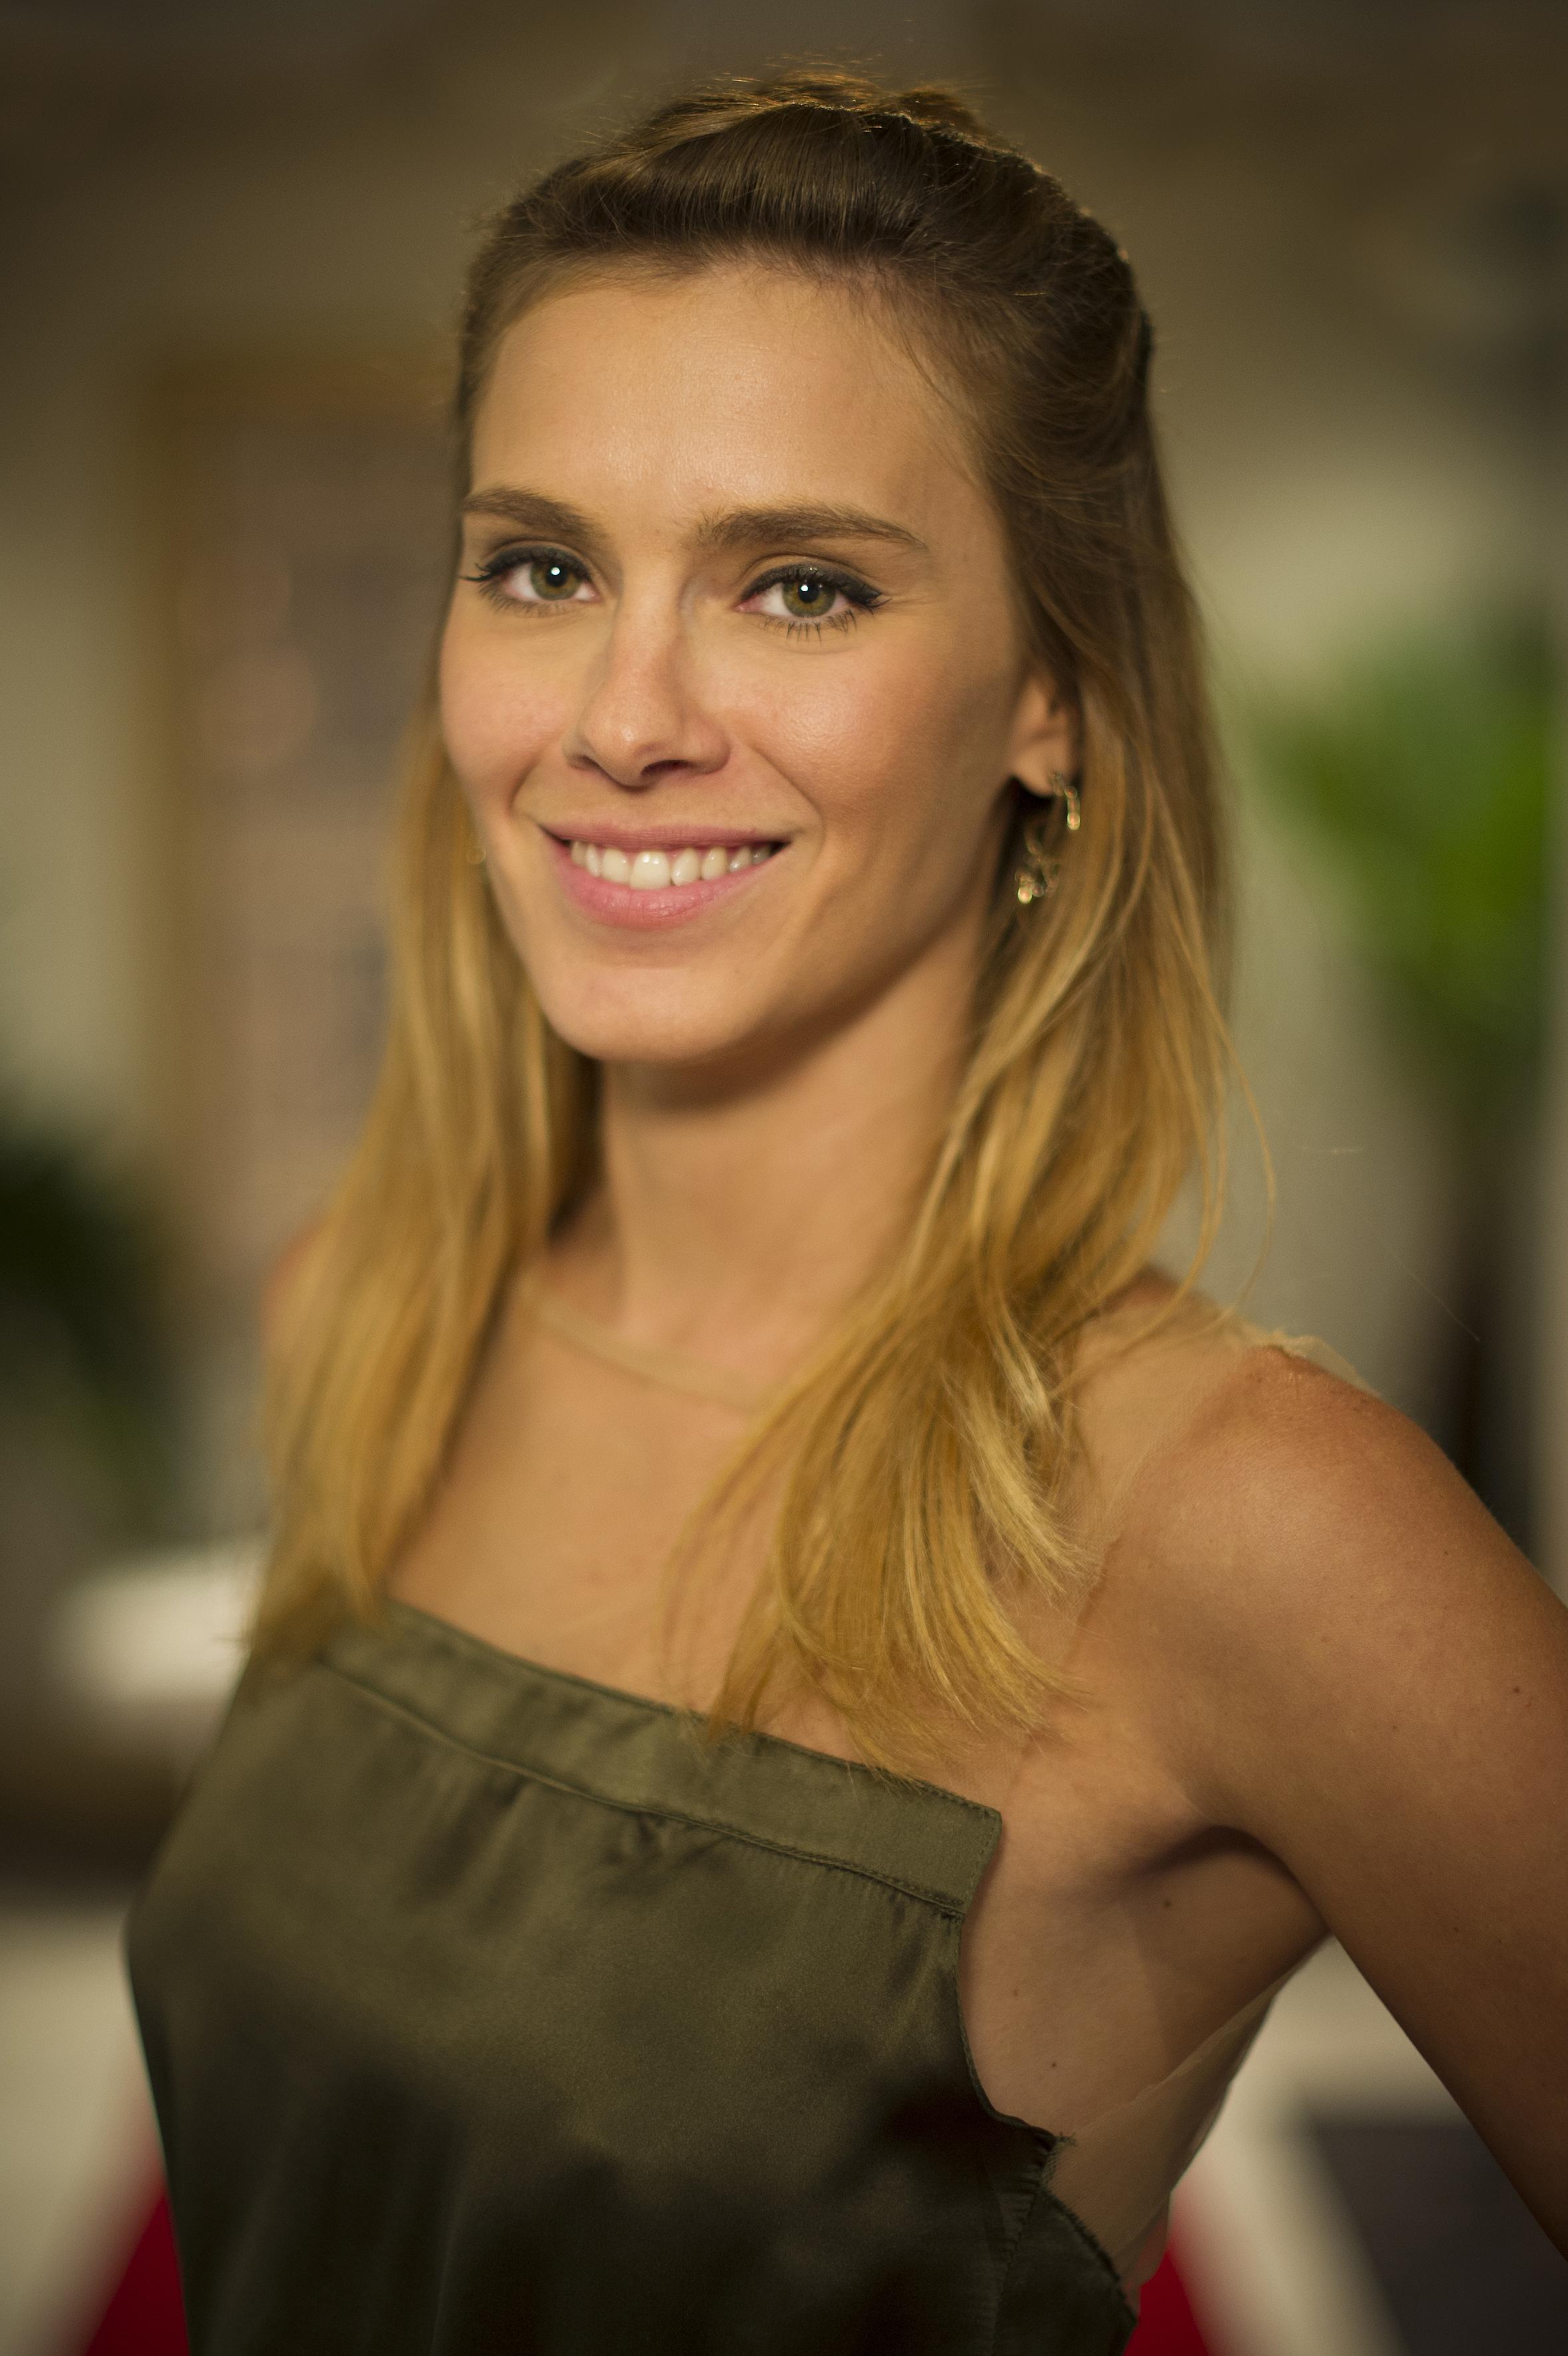 Alinne Moraes Sex carolina dieckmann – wikipédia, a enciclopédia livre